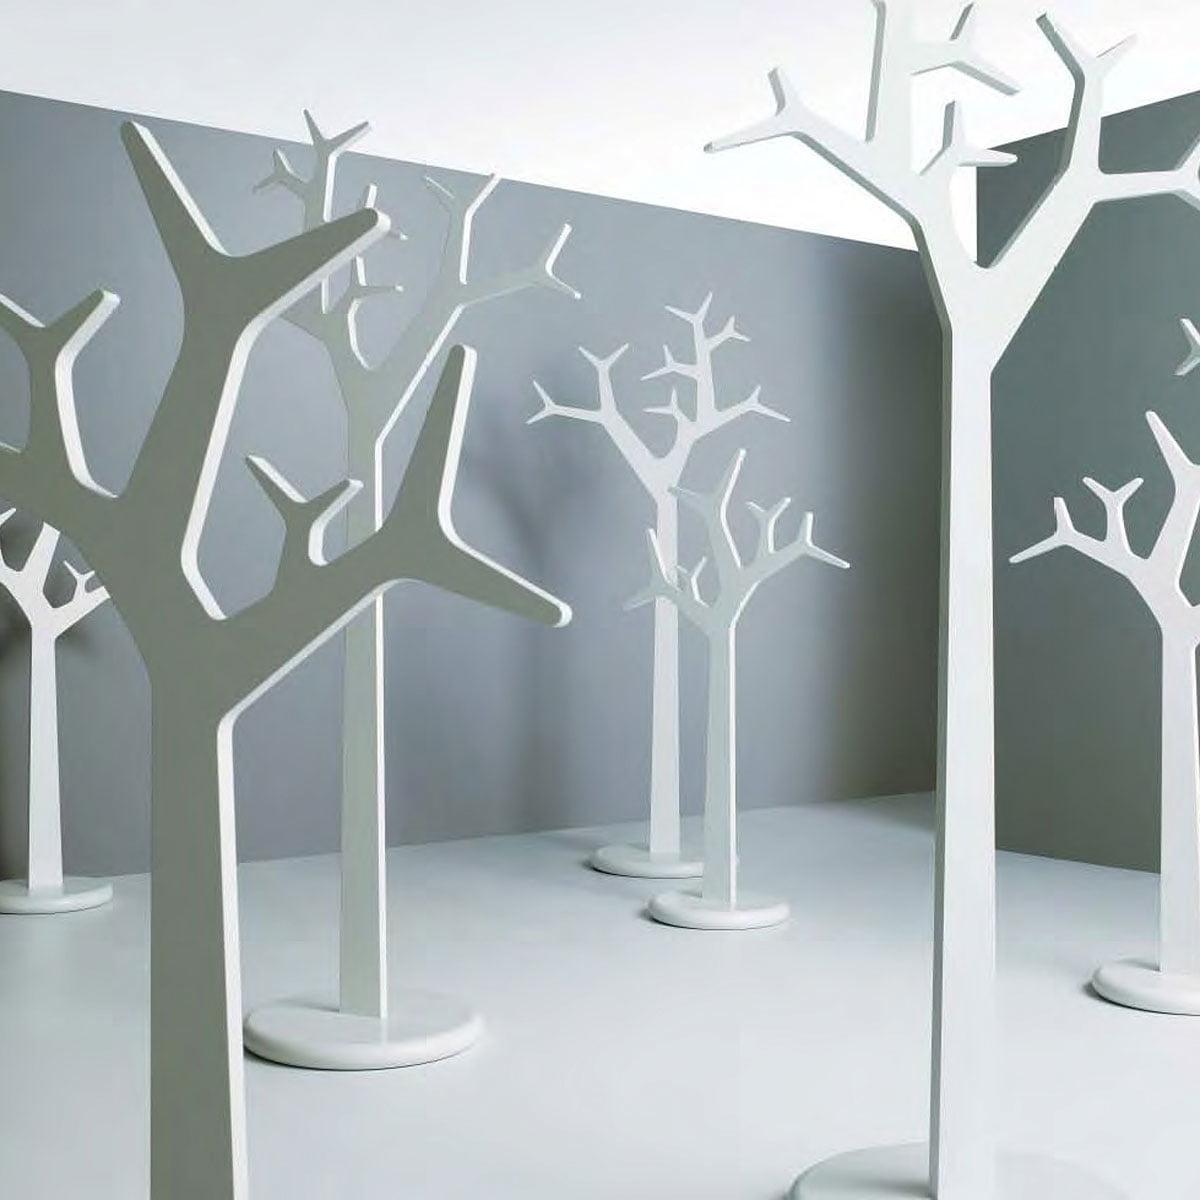 tree kleiderst nder swedese shop. Black Bedroom Furniture Sets. Home Design Ideas